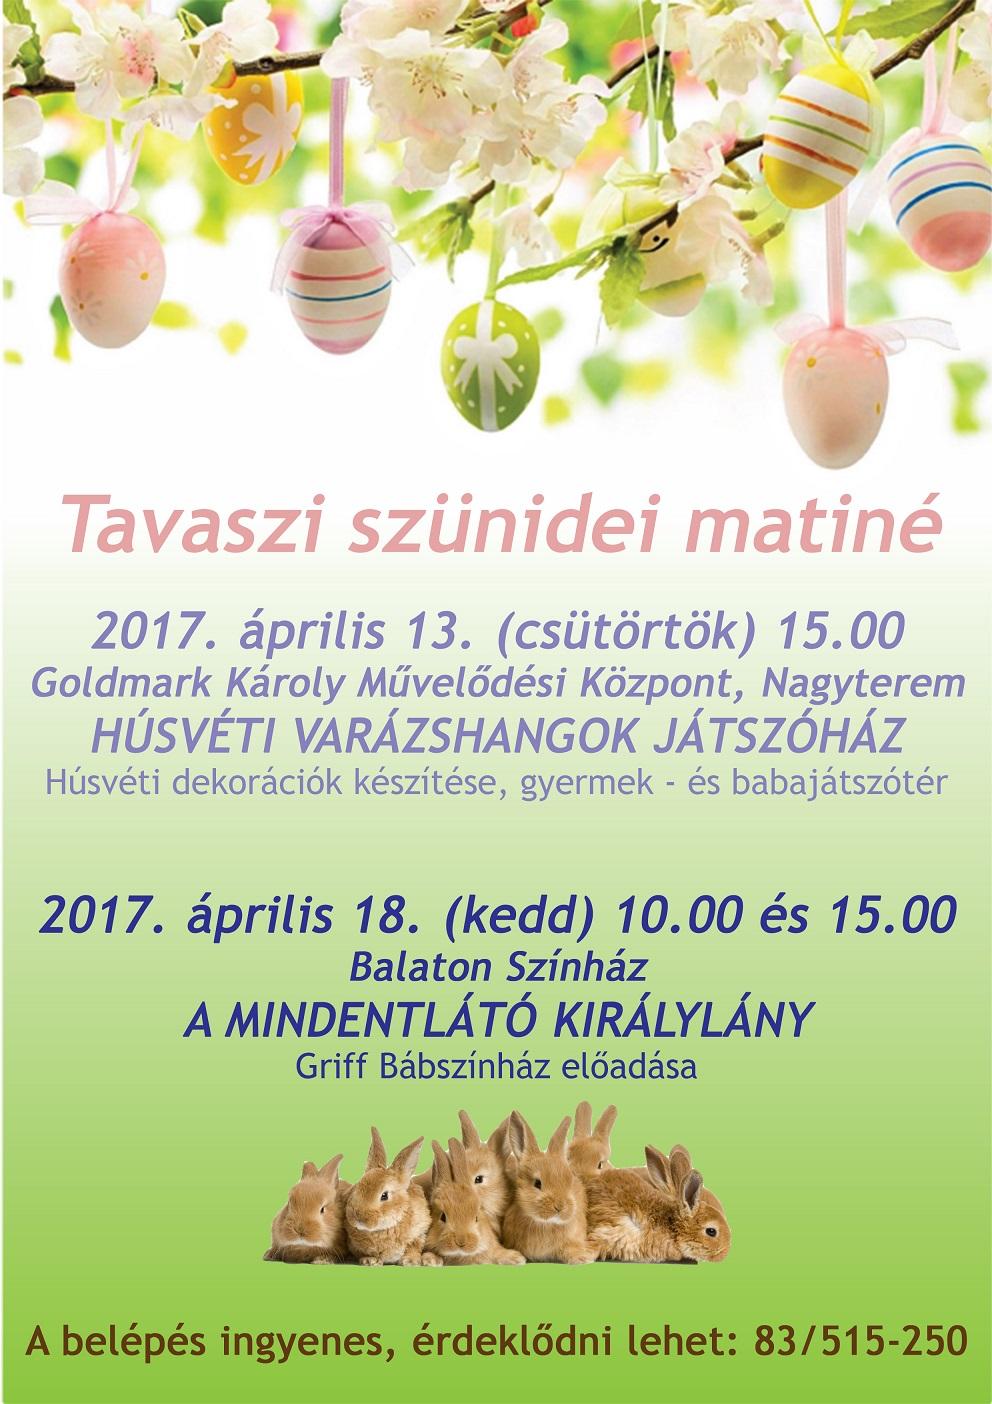 Tavaszi szünidei matiné_04.13.